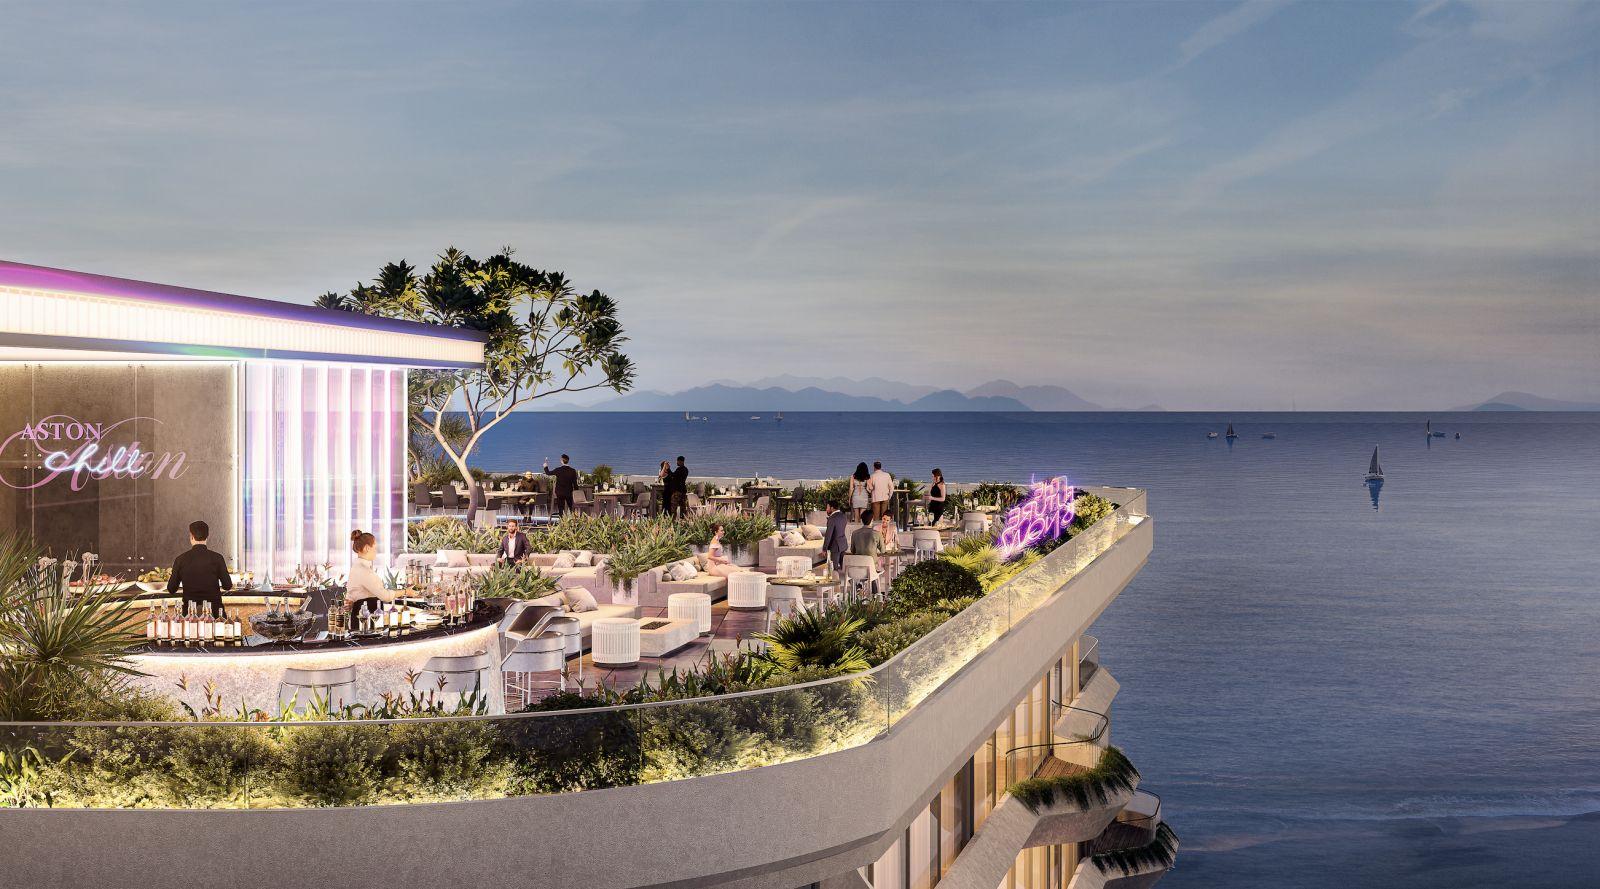 Sky Lounge sang trọng với tầm nhìn lộng lẫy trên vịnh biển. Ảnh: Tập đoàn Danh Khôi..